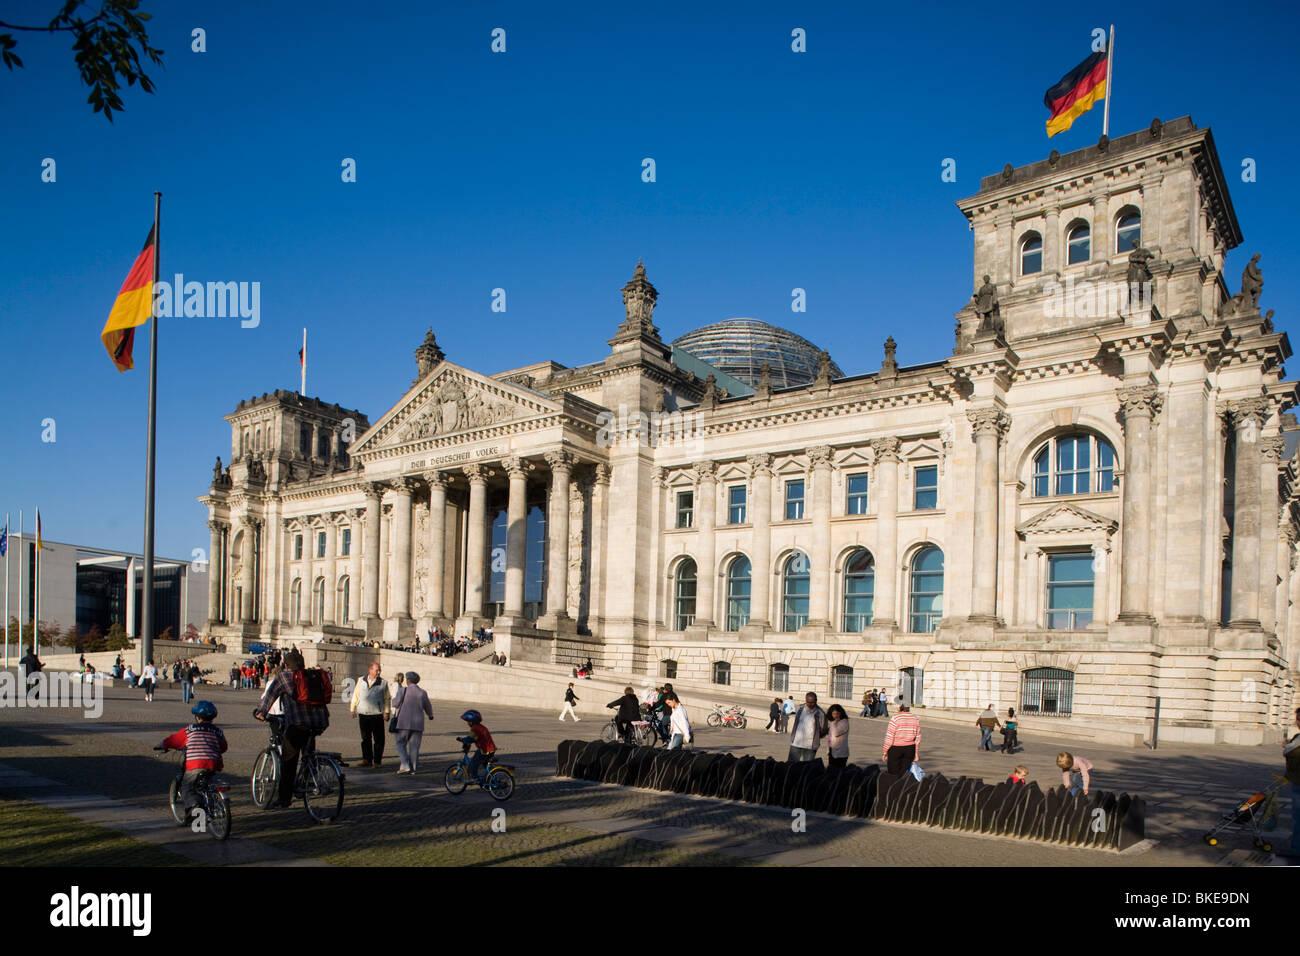 Reichstagsgebäude, im Freien, Berlin, Deutschland, Europa Stockbild